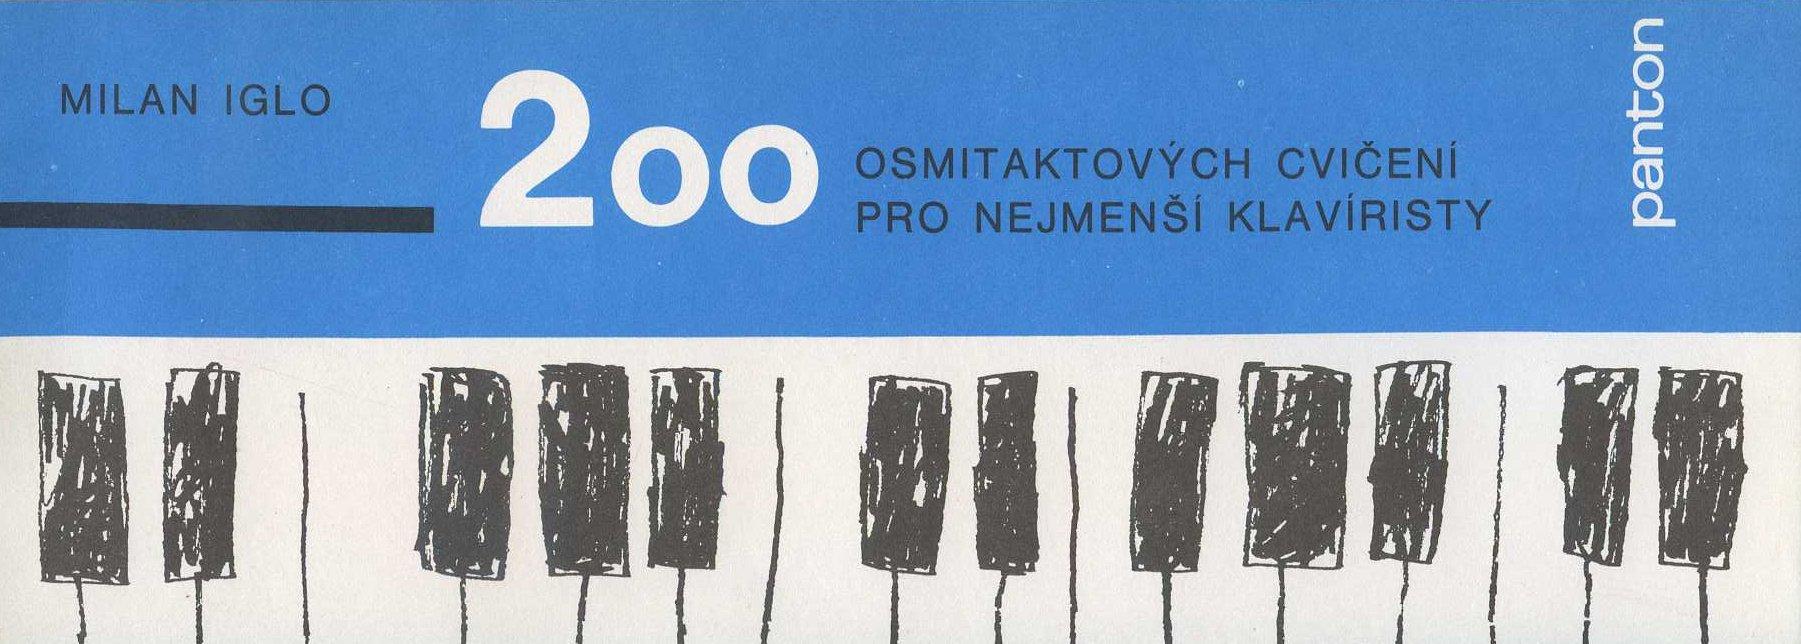 200 osmitaktových cvicení pro nejmenší klavíristy